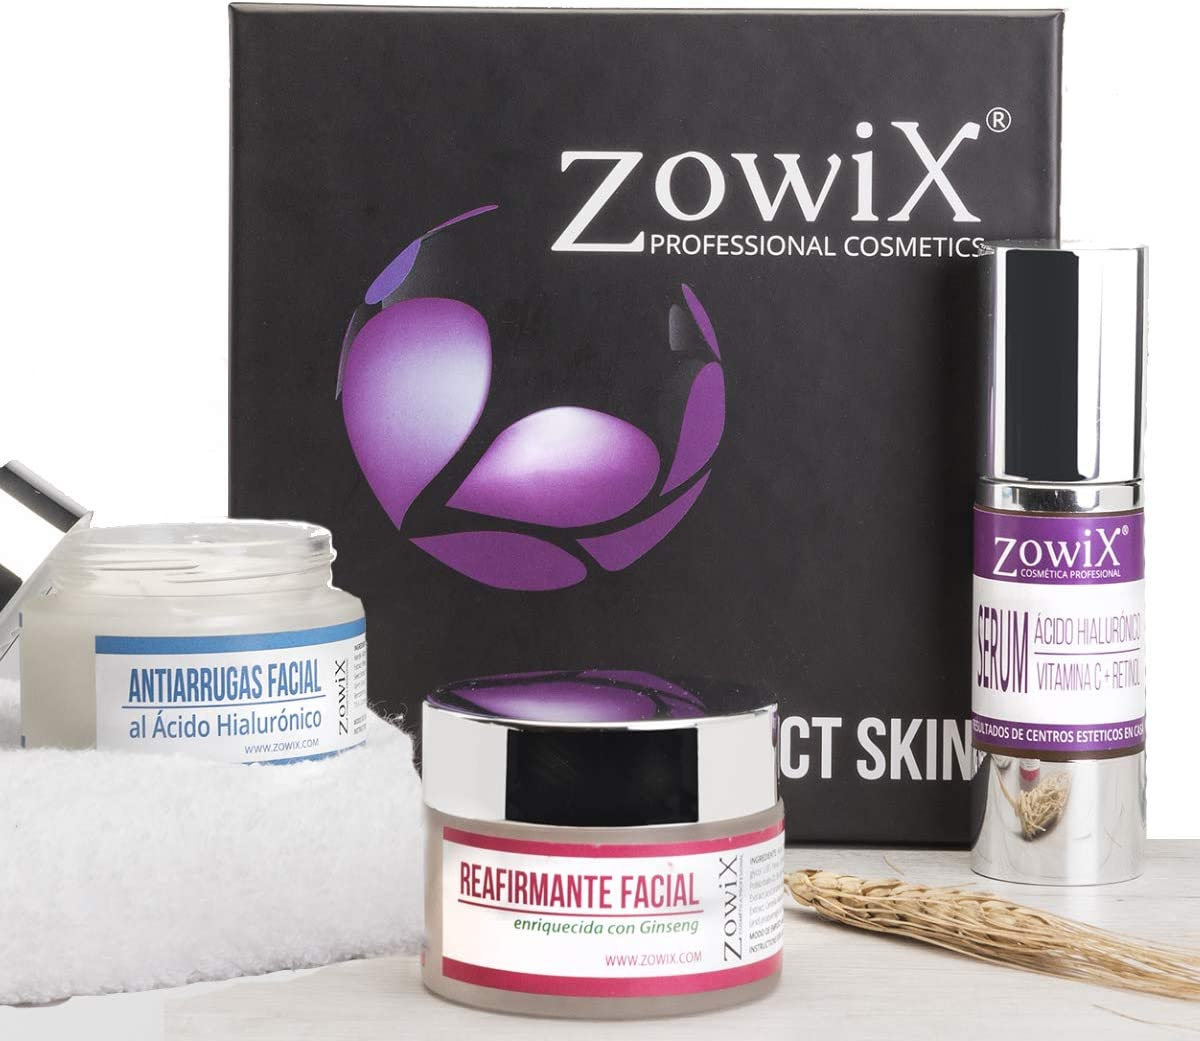 Zowix Regalo para el día de la madre. Lote cremas antiarrugas, lifting y serum facial. Pack regalo mujer de Cosmetica Natural. Kit de belleza natural. Sin parabenos